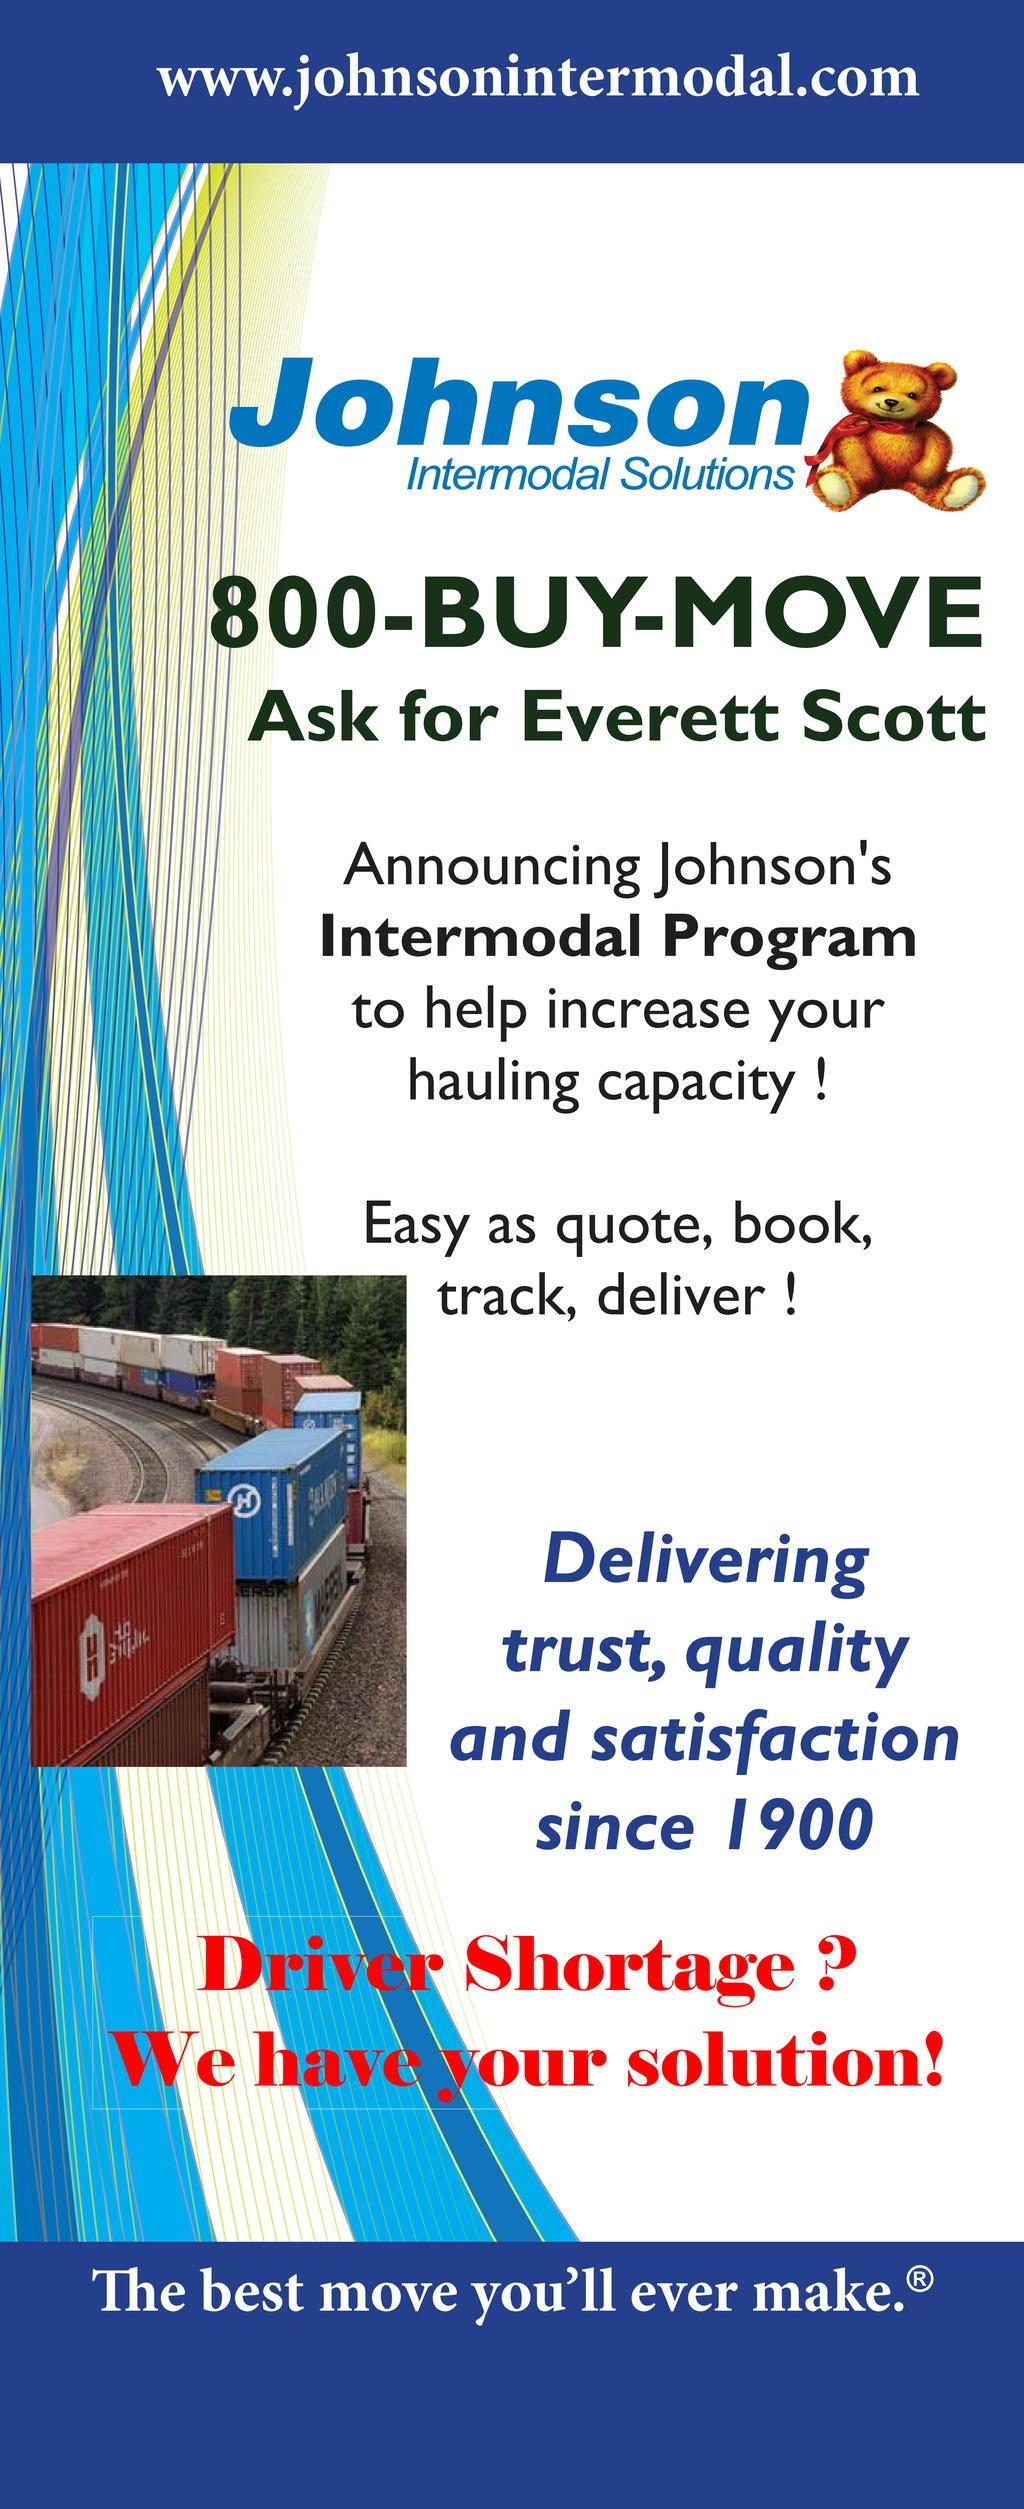 Johnson Intermodal